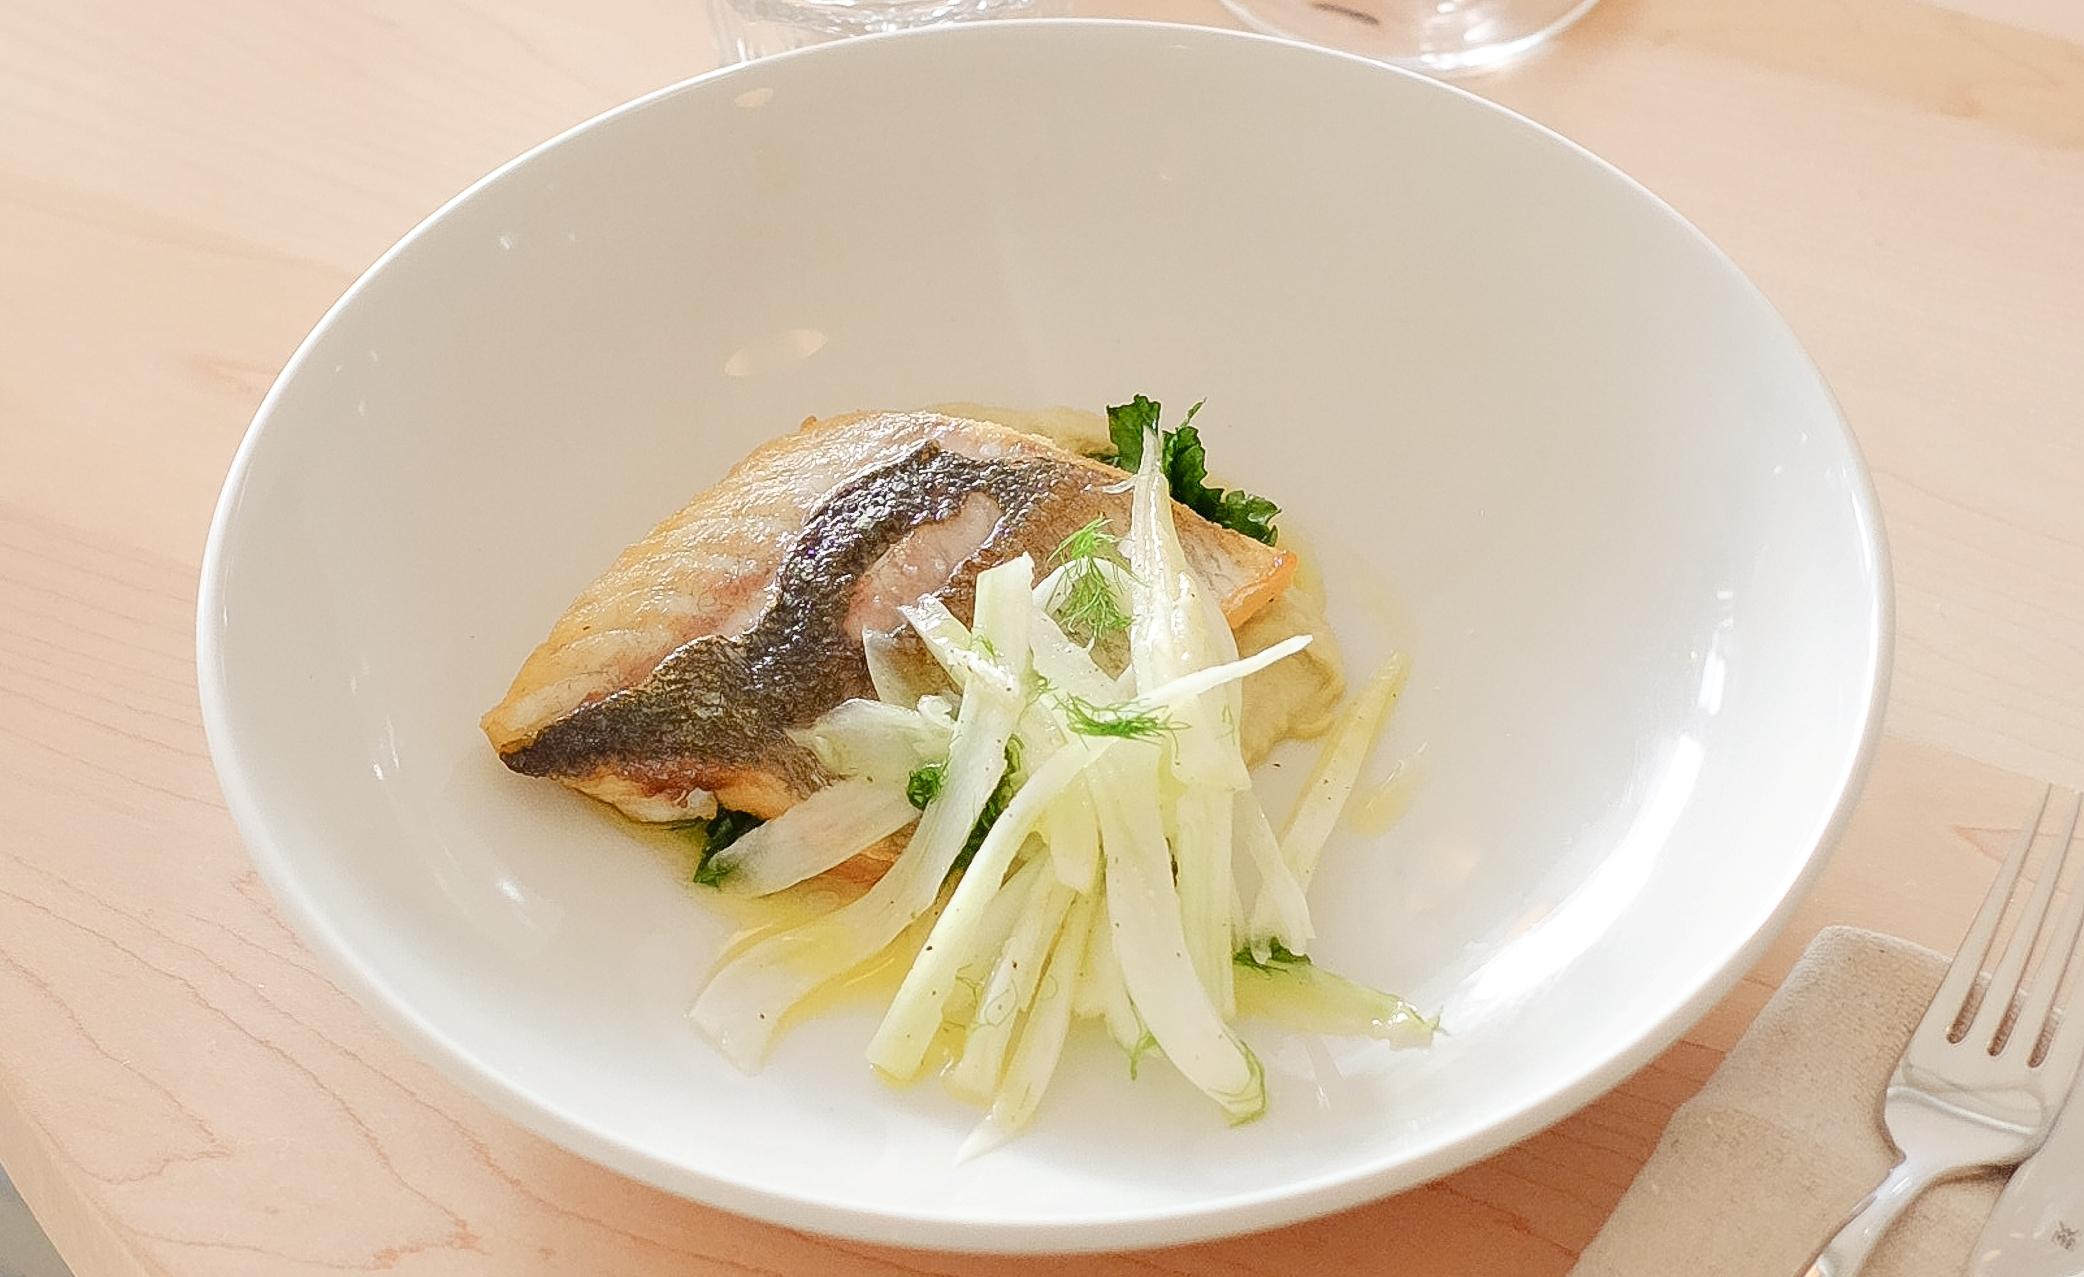 Paloma lends an Italian touch to Niçoise cuisine